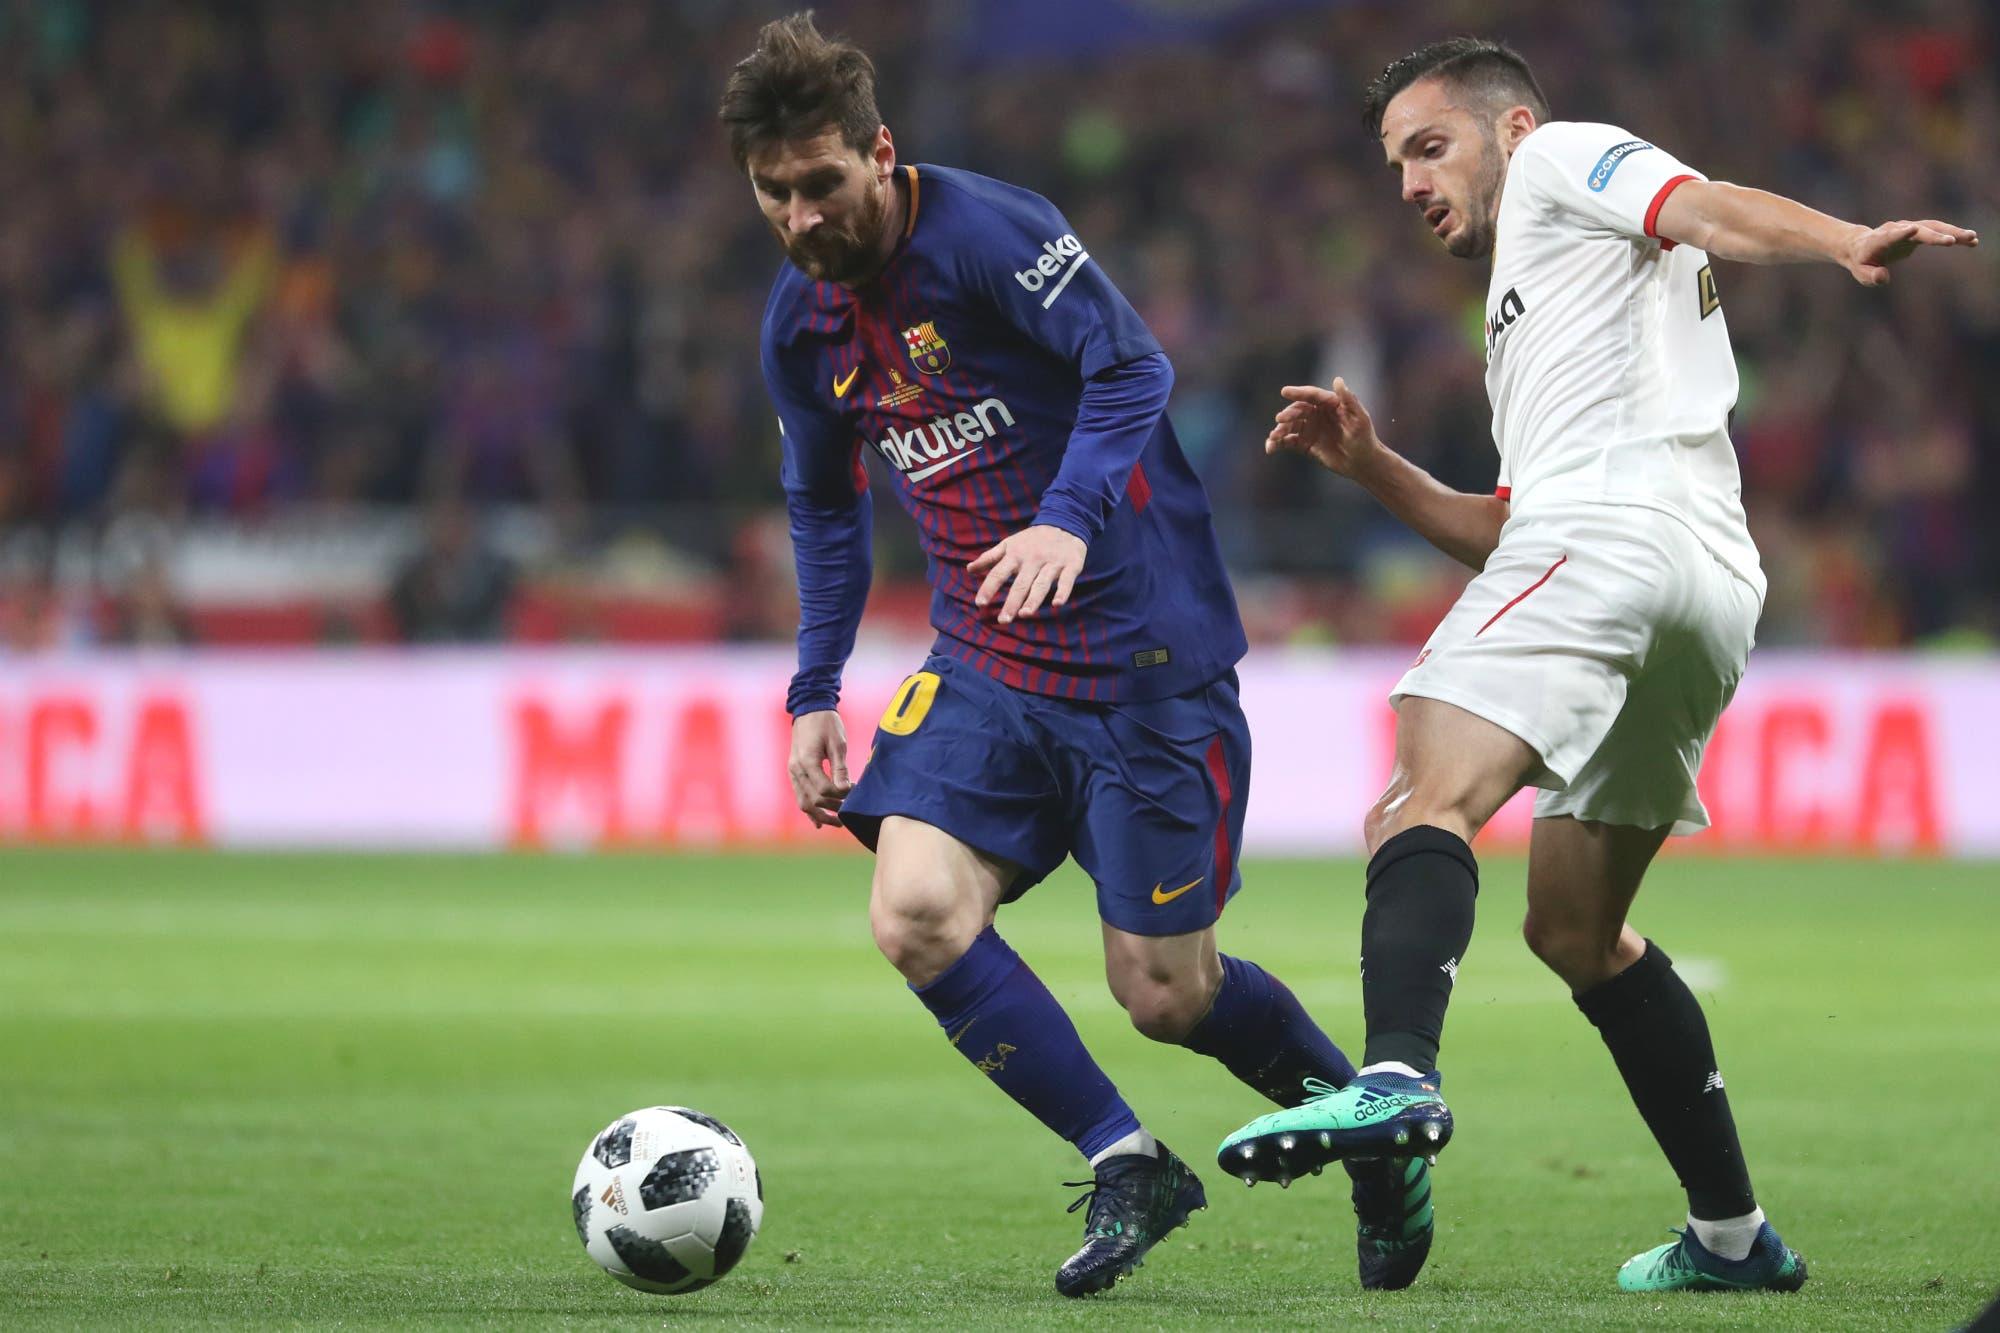 Copa del Rey: Barcelona eludió la sanción y tendrá un duro cruce ante Sevilla